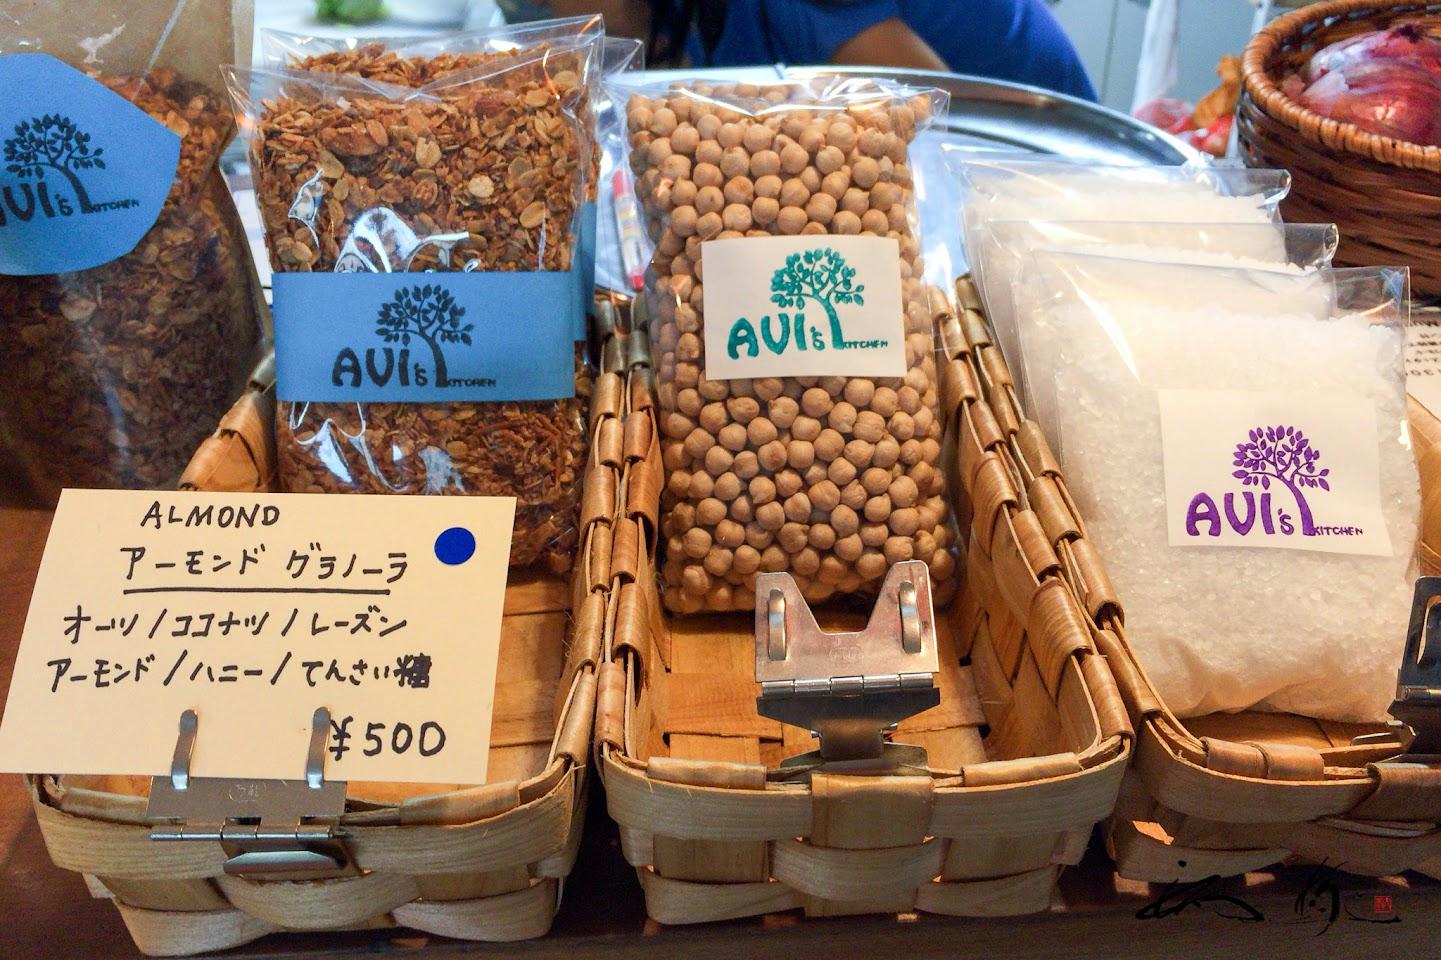 グラノーラ、ひよこ豆、塩等販売